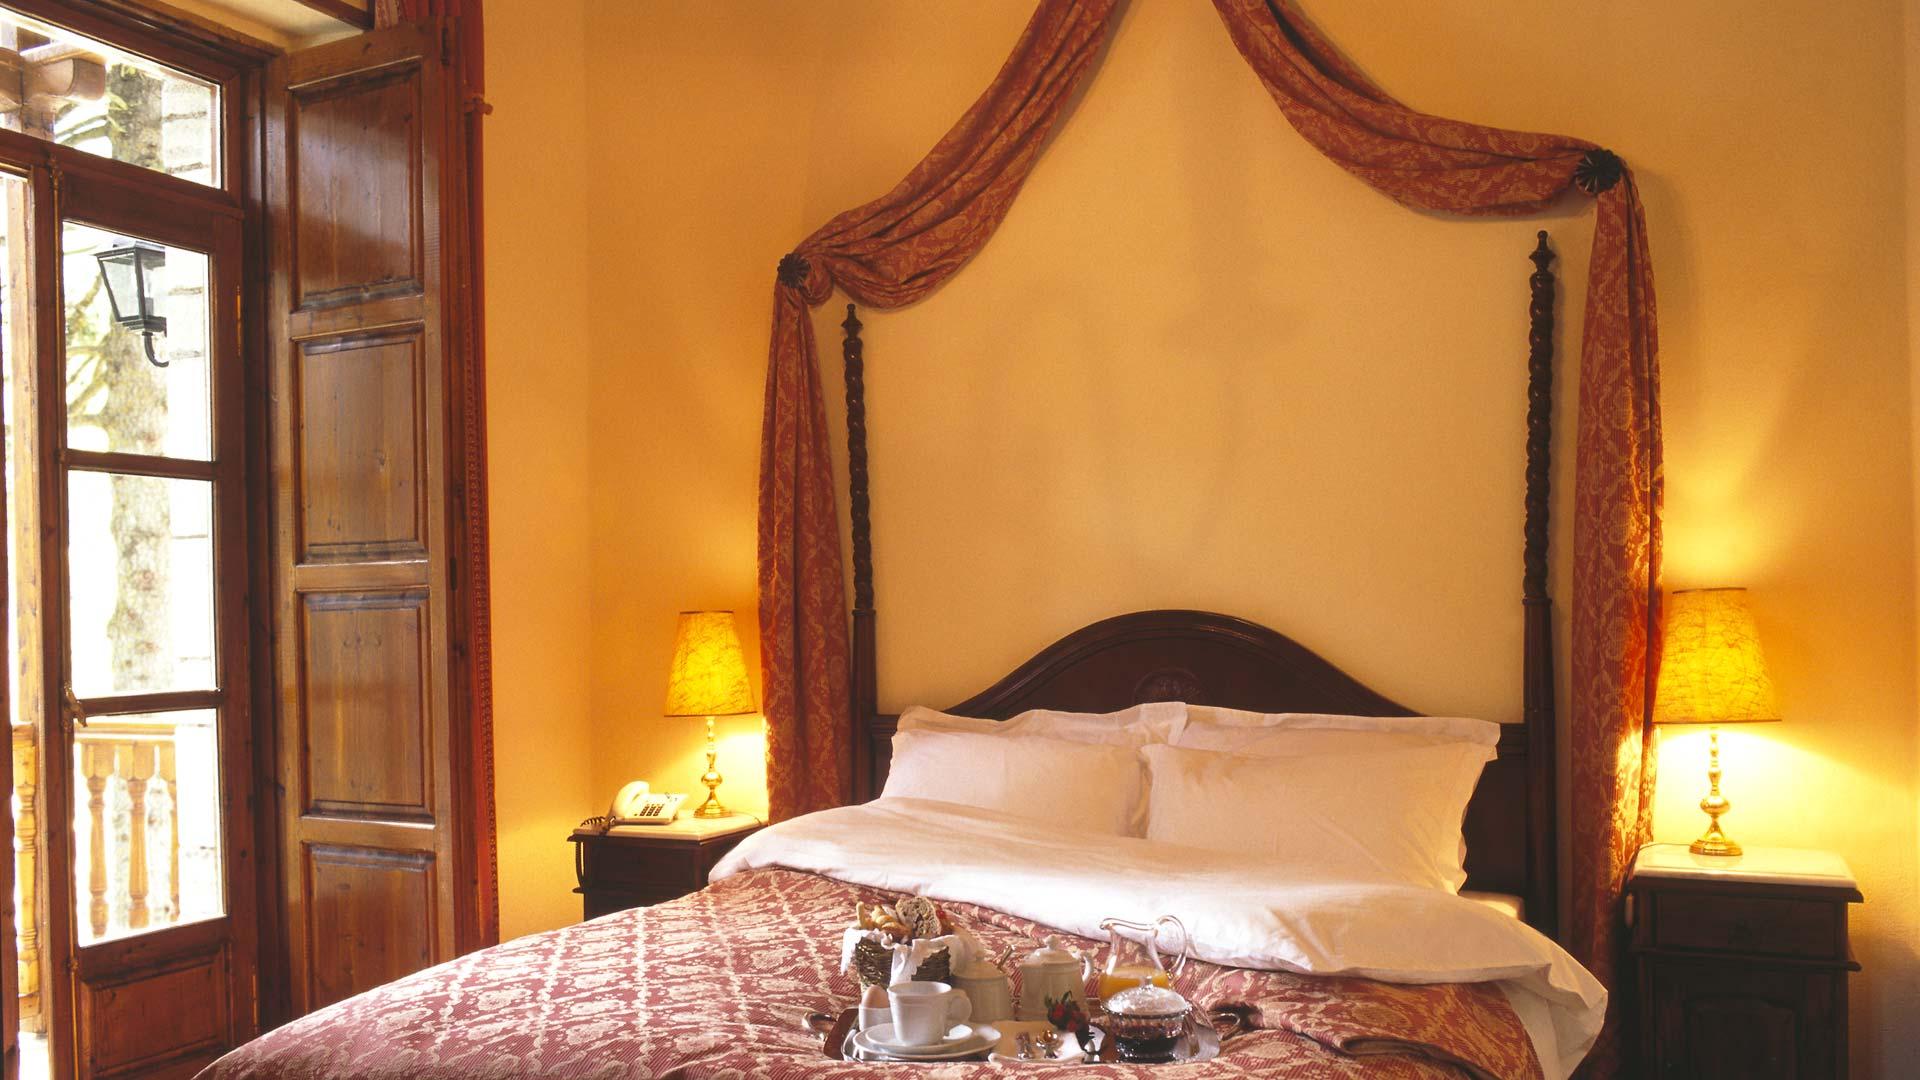 Junior Suite στο ξενοδοχείο Αρχοντικό Χατζηγάκη στο Περτούλι, Ελάτη